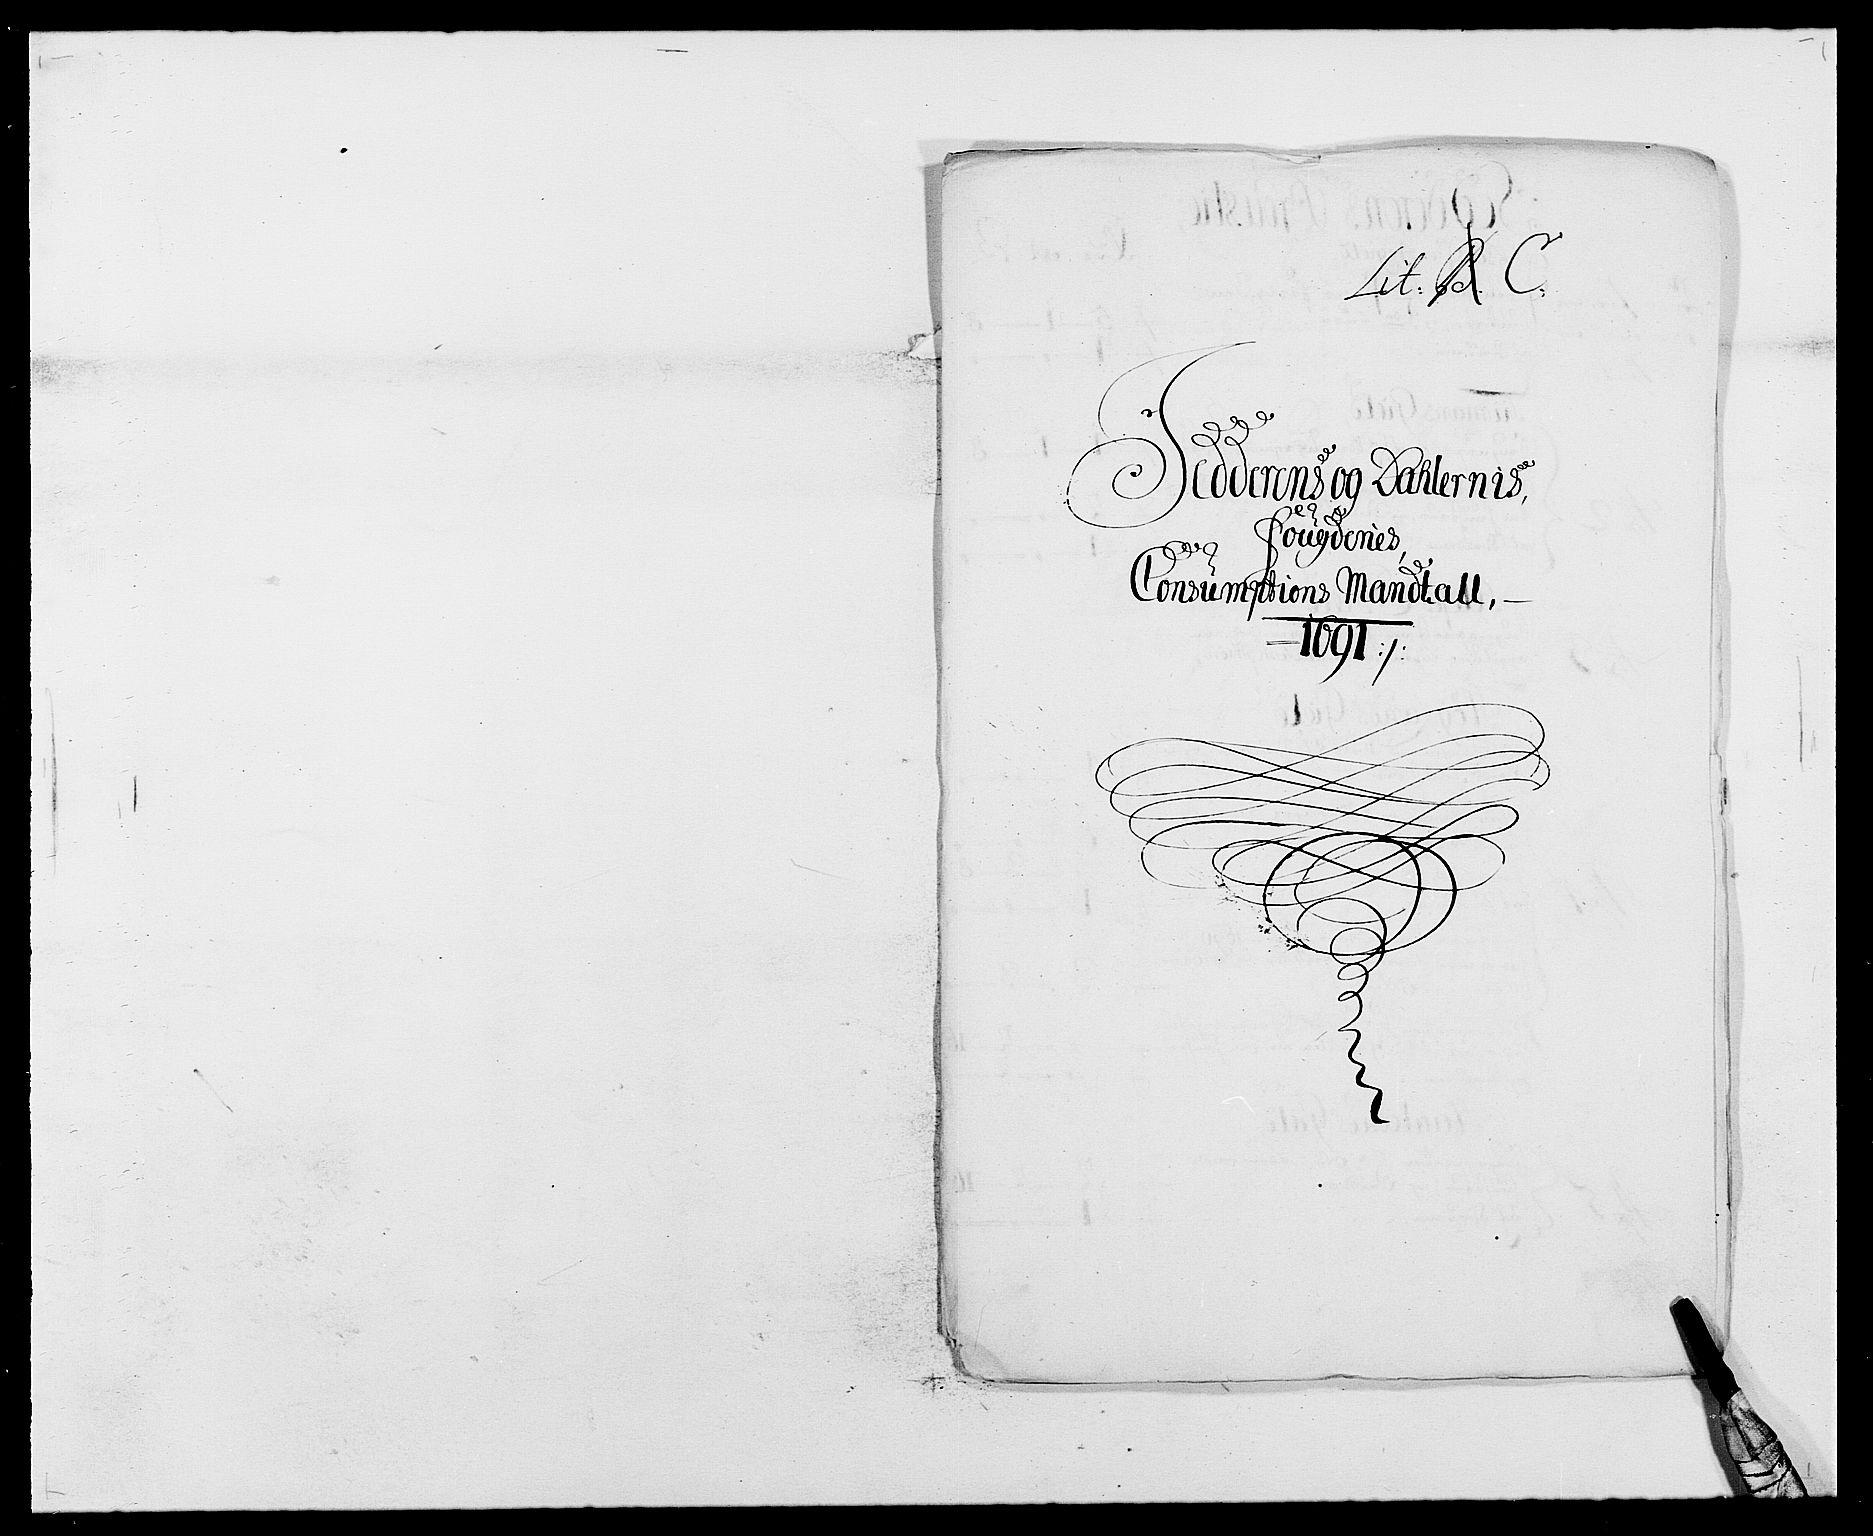 RA, Rentekammeret inntil 1814, Reviderte regnskaper, Fogderegnskap, R46/L2727: Fogderegnskap Jæren og Dalane, 1690-1693, s. 95